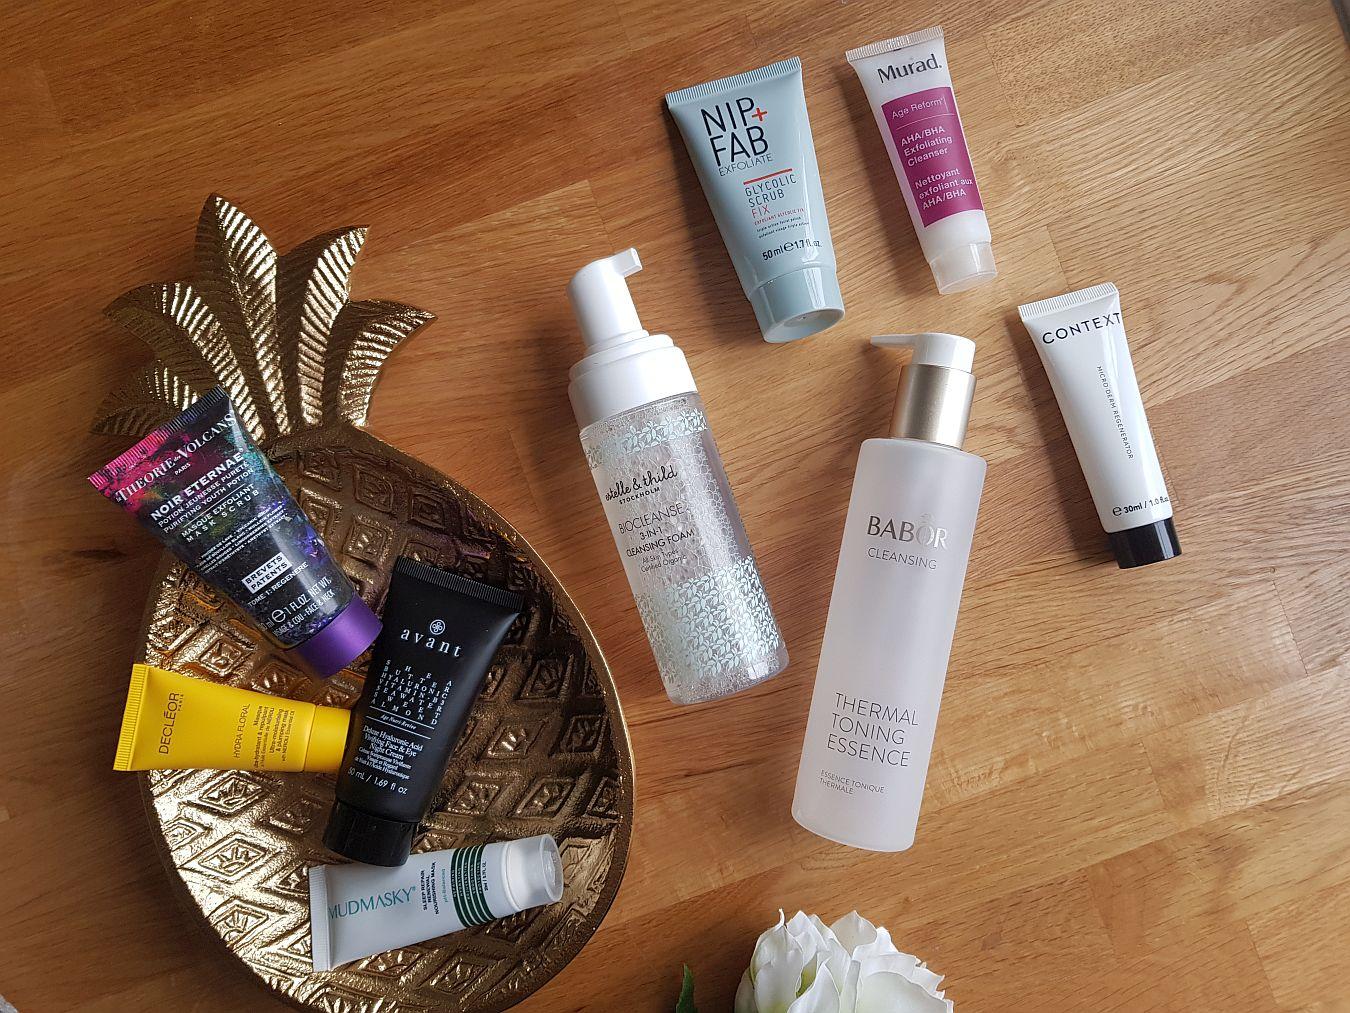 Продукти, които искам да изразходвам бяла козметика, нощни маски, тоник, ексфолиране